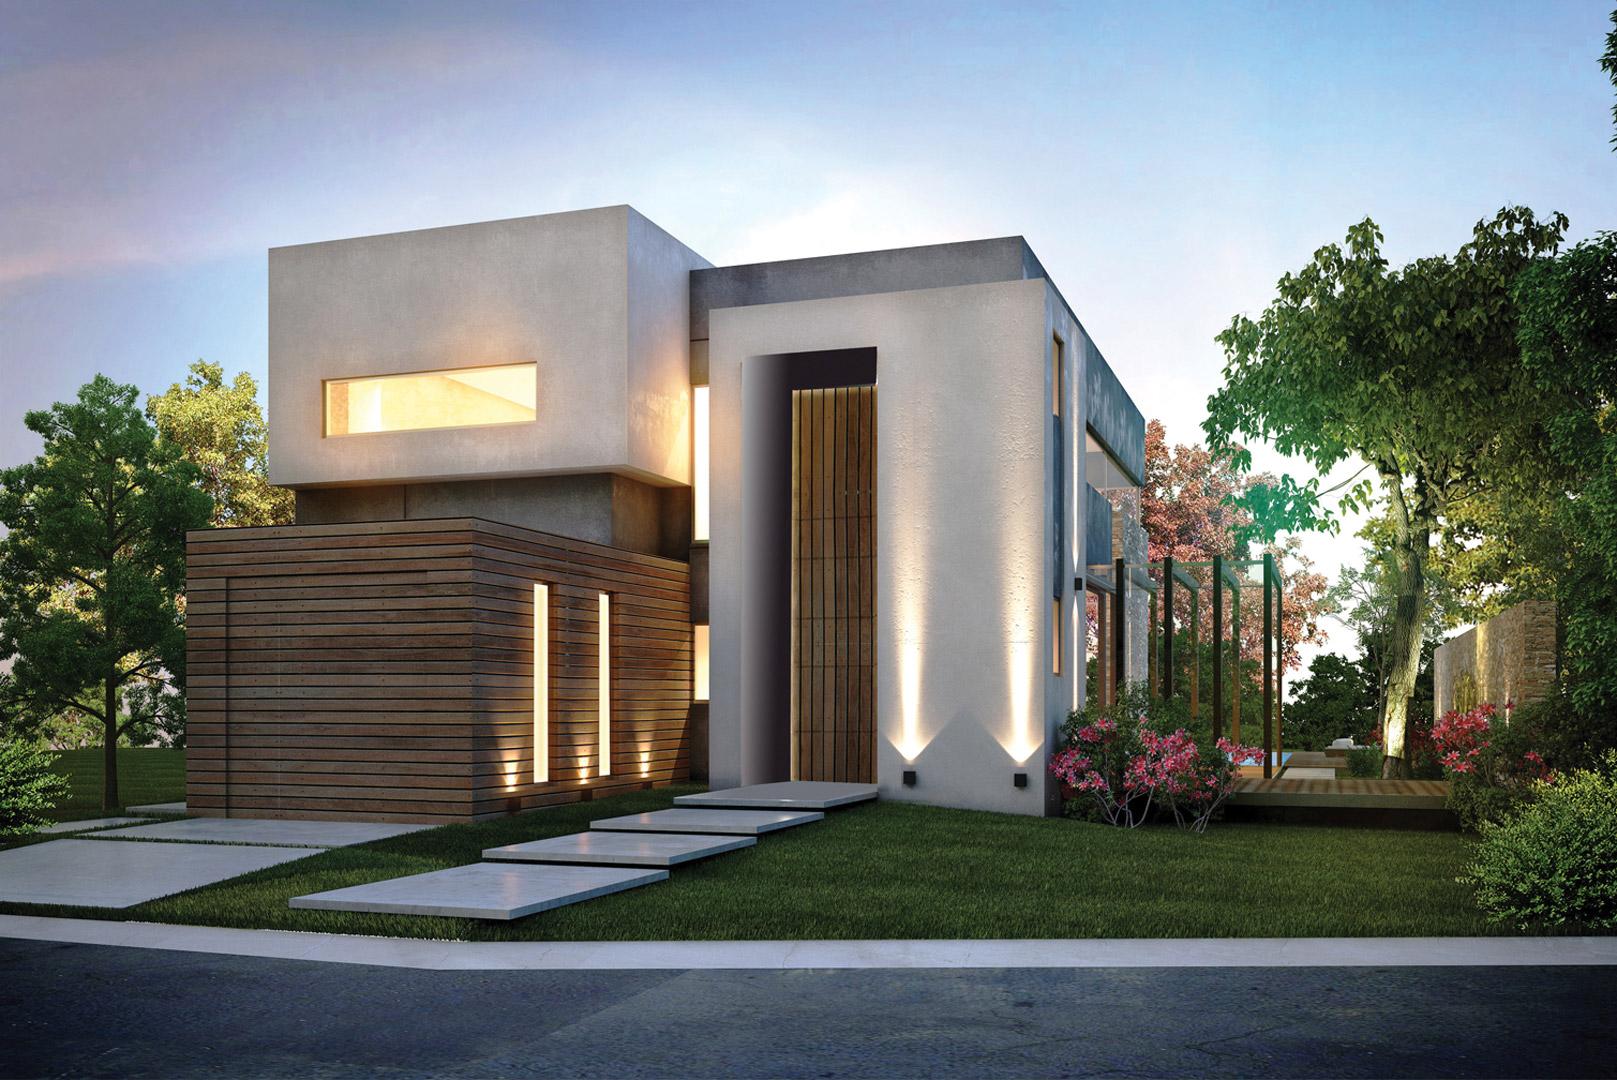 inarch arquitectura construcci n casa estilo actual